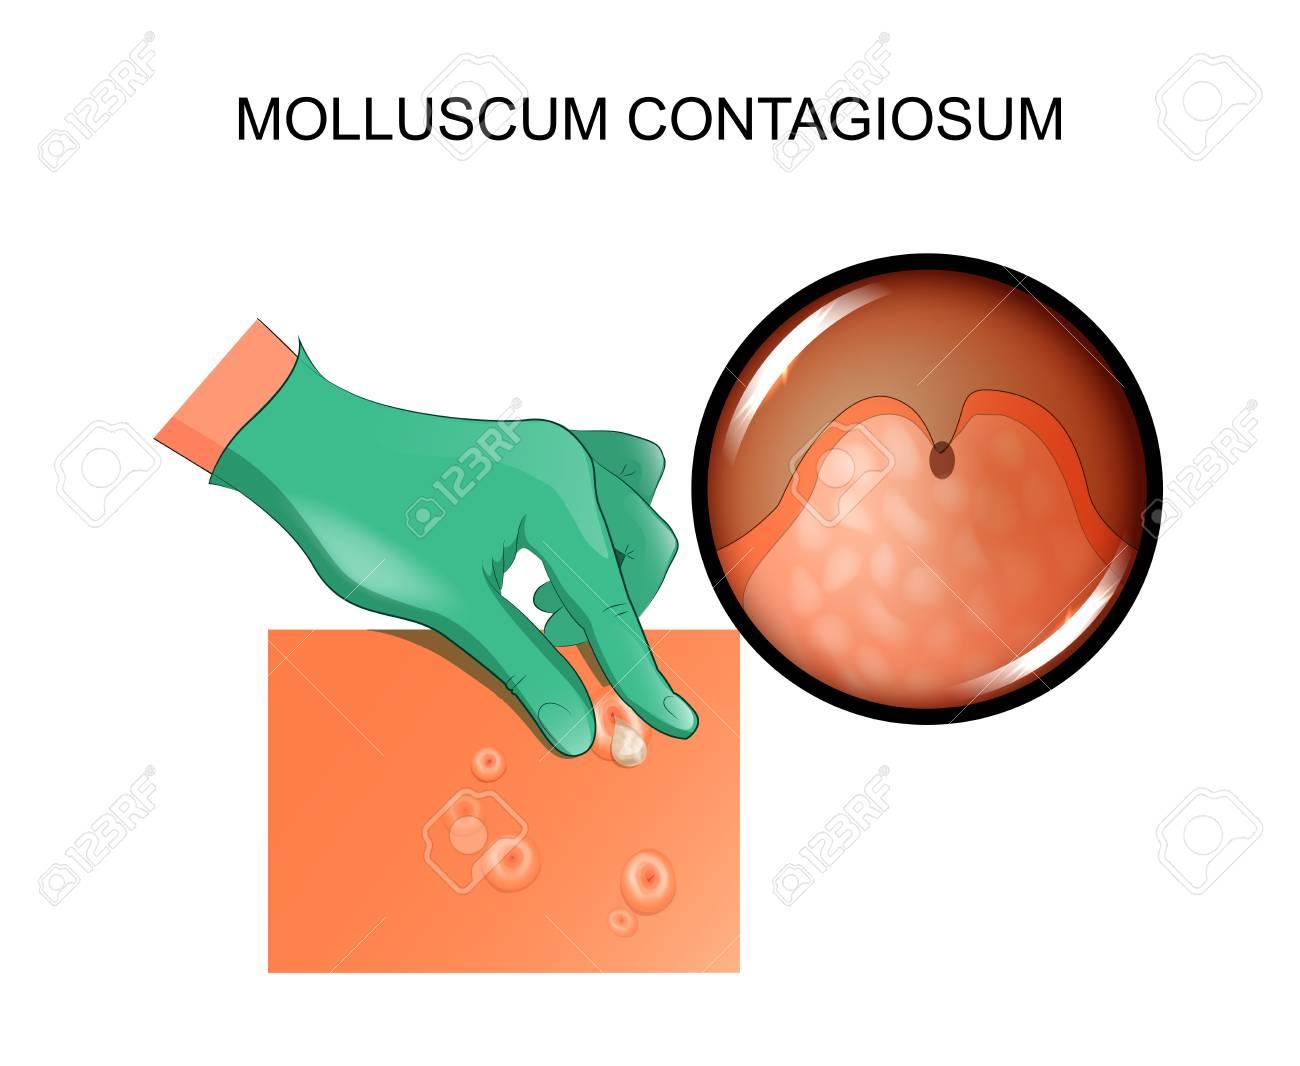 la ulcera cervical es contagiosa